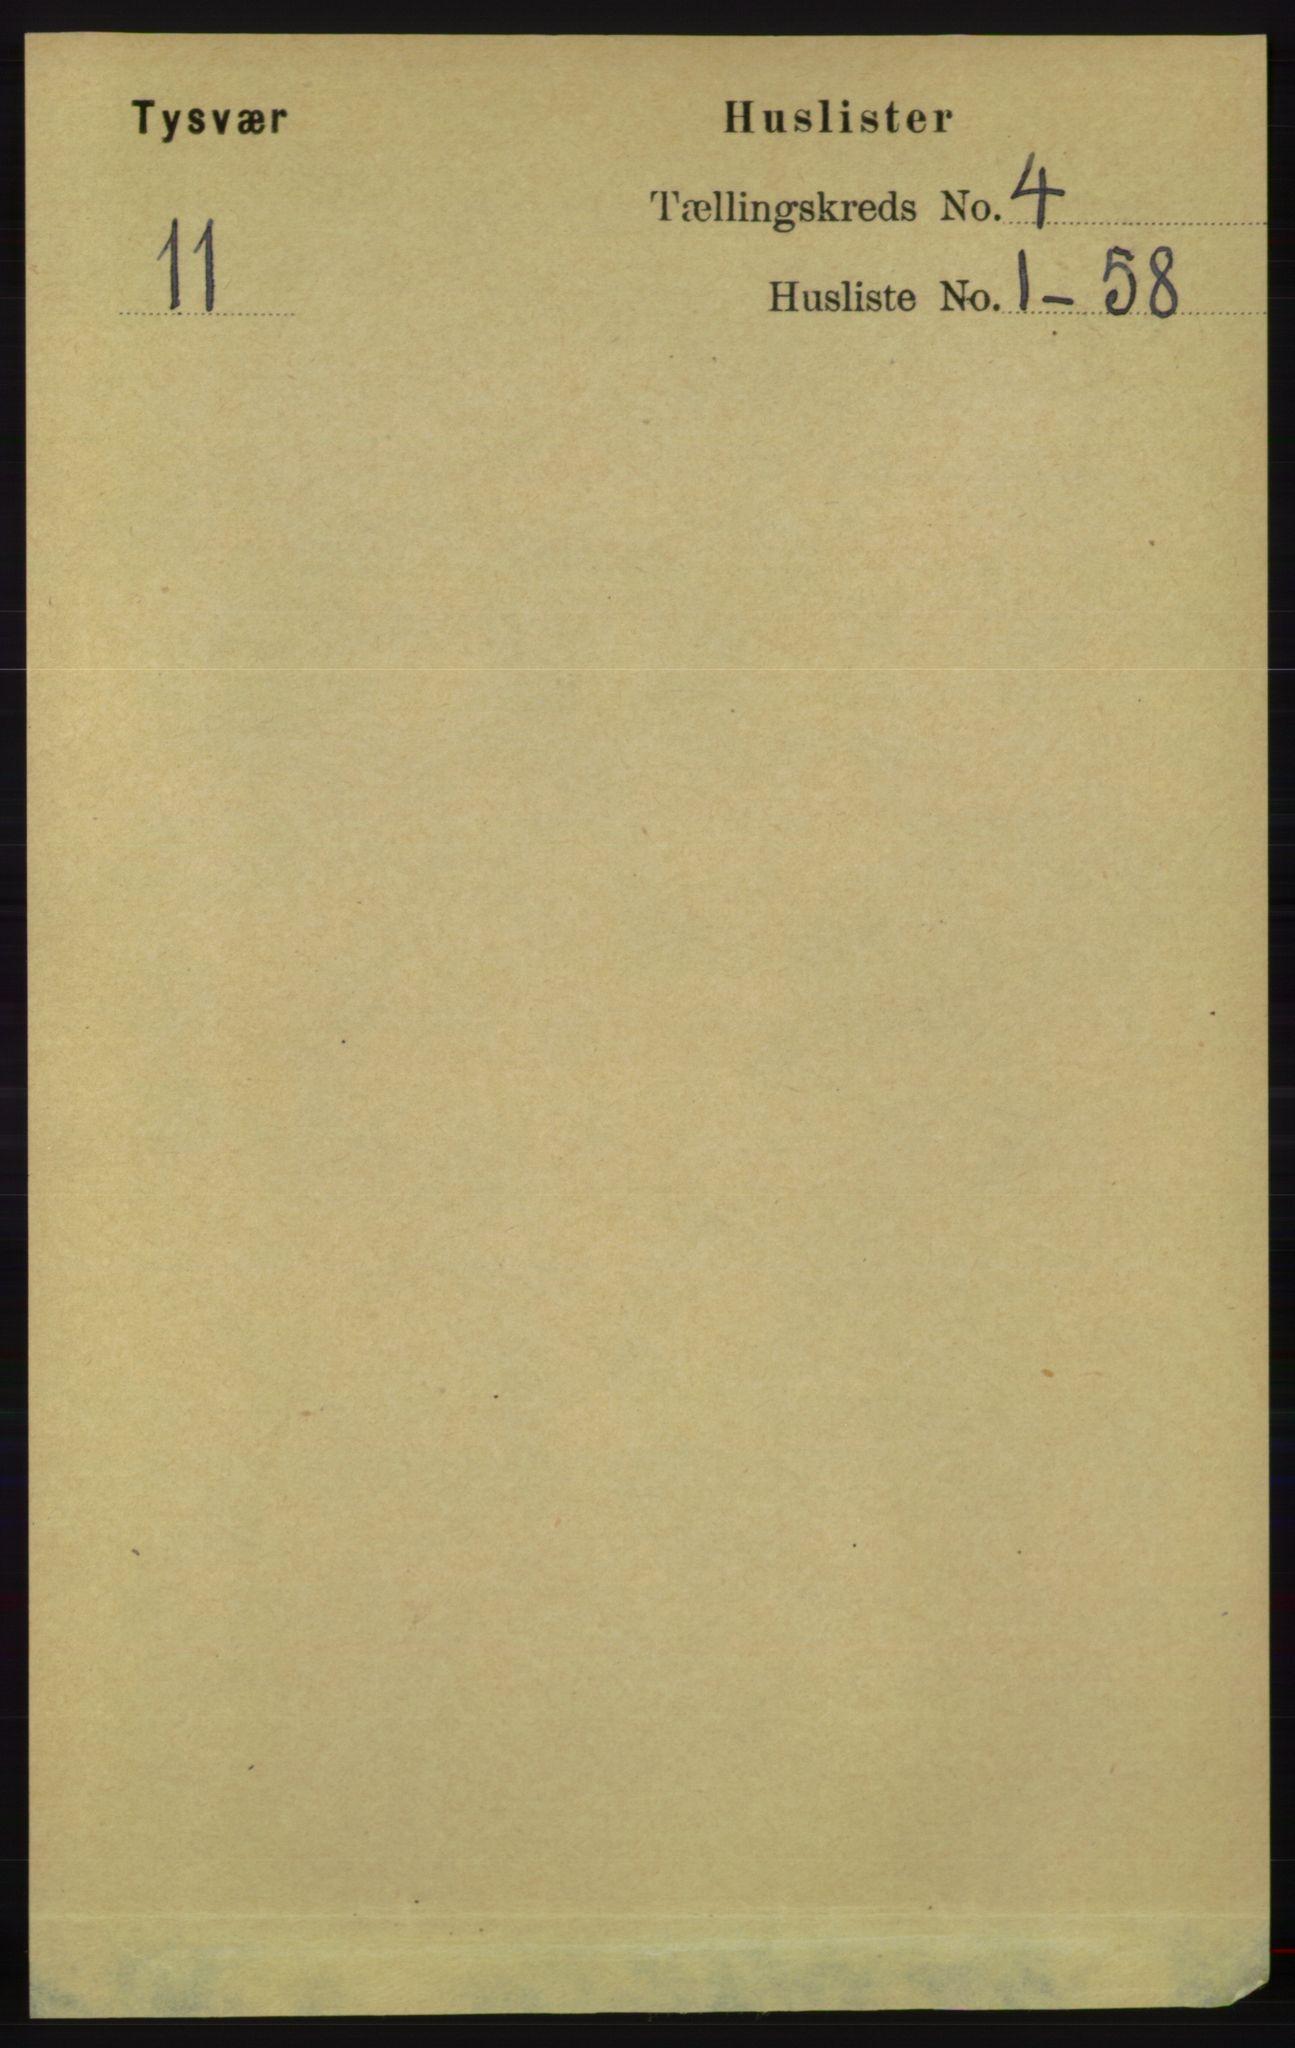 RA, Folketelling 1891 for 1146 Tysvær herred, 1891, s. 1450